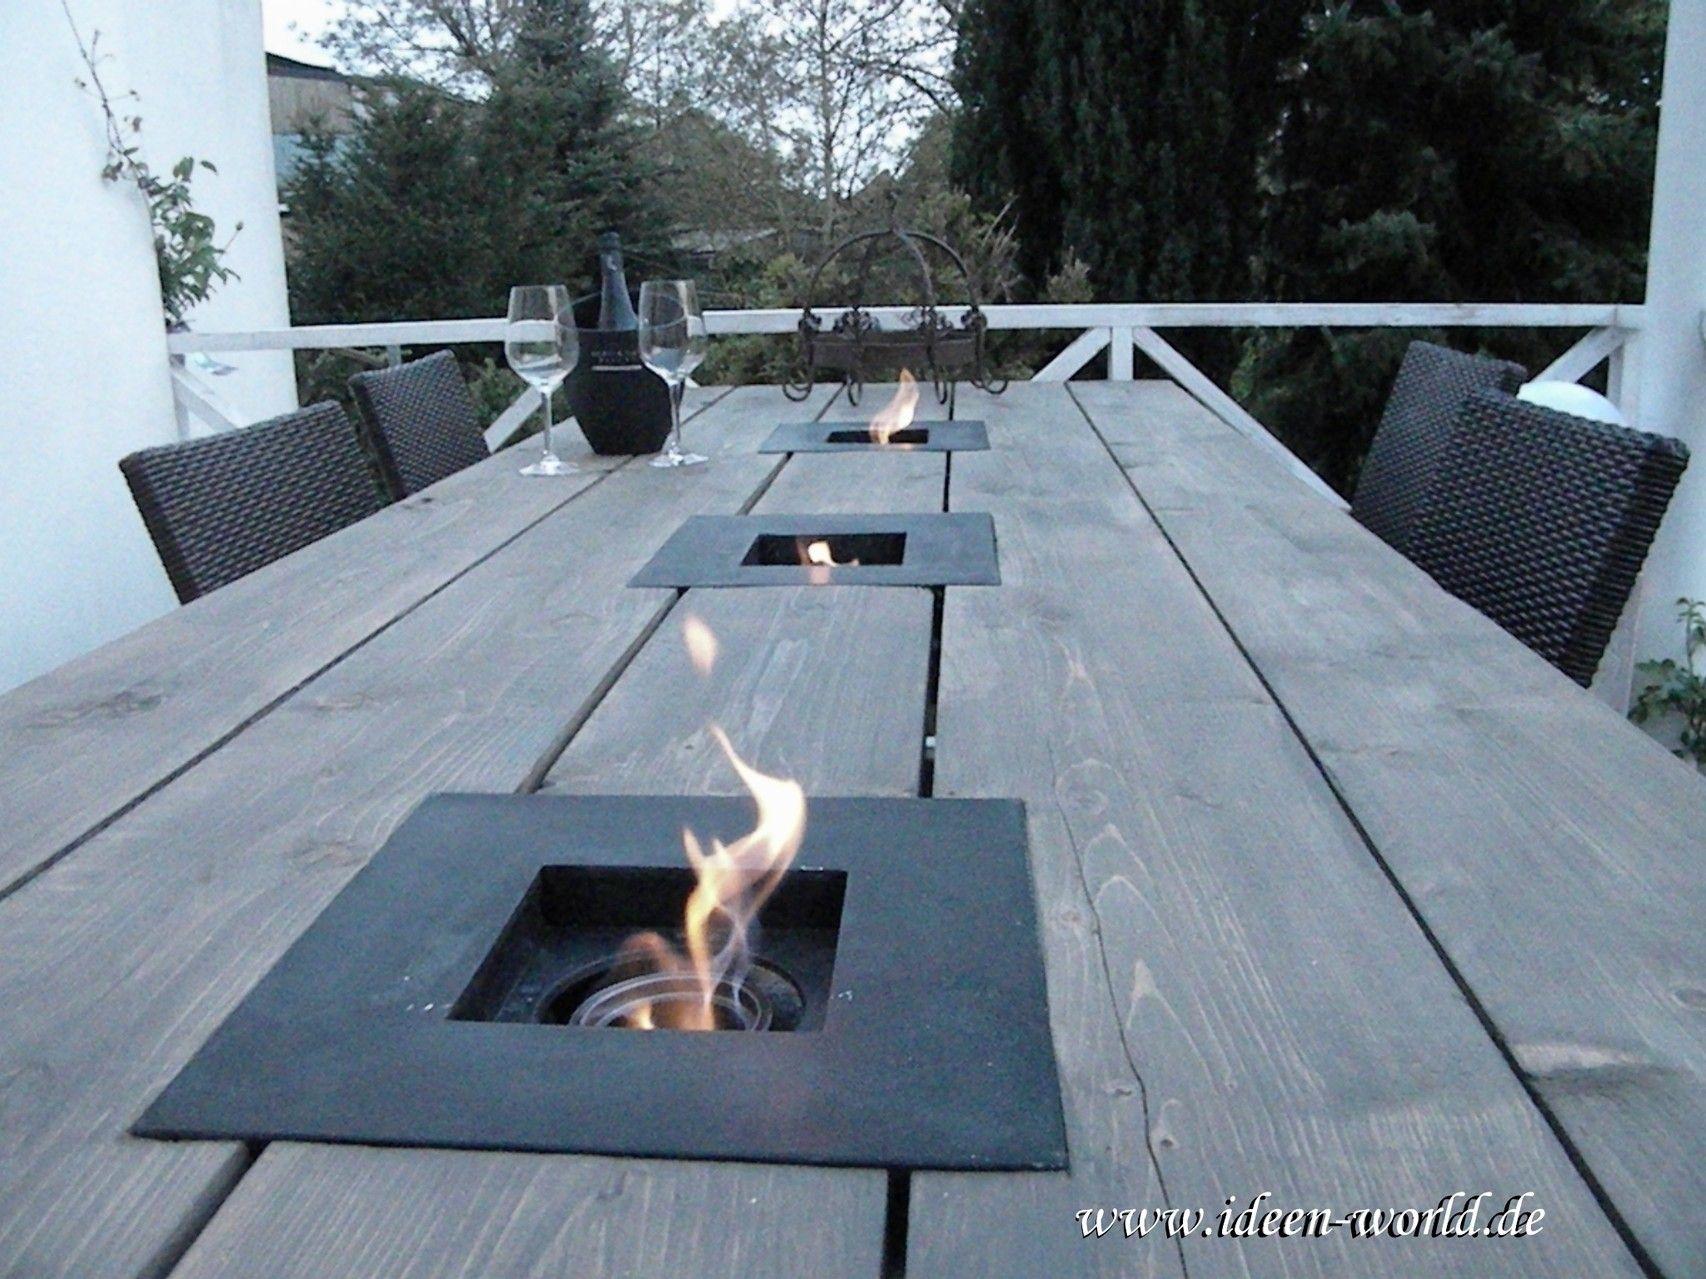 kuhle dekoration loungemobel balkon selber bauen, gartenmöbel ,gartentich ,tisch mit feuerstelle, individuelle, Innenarchitektur